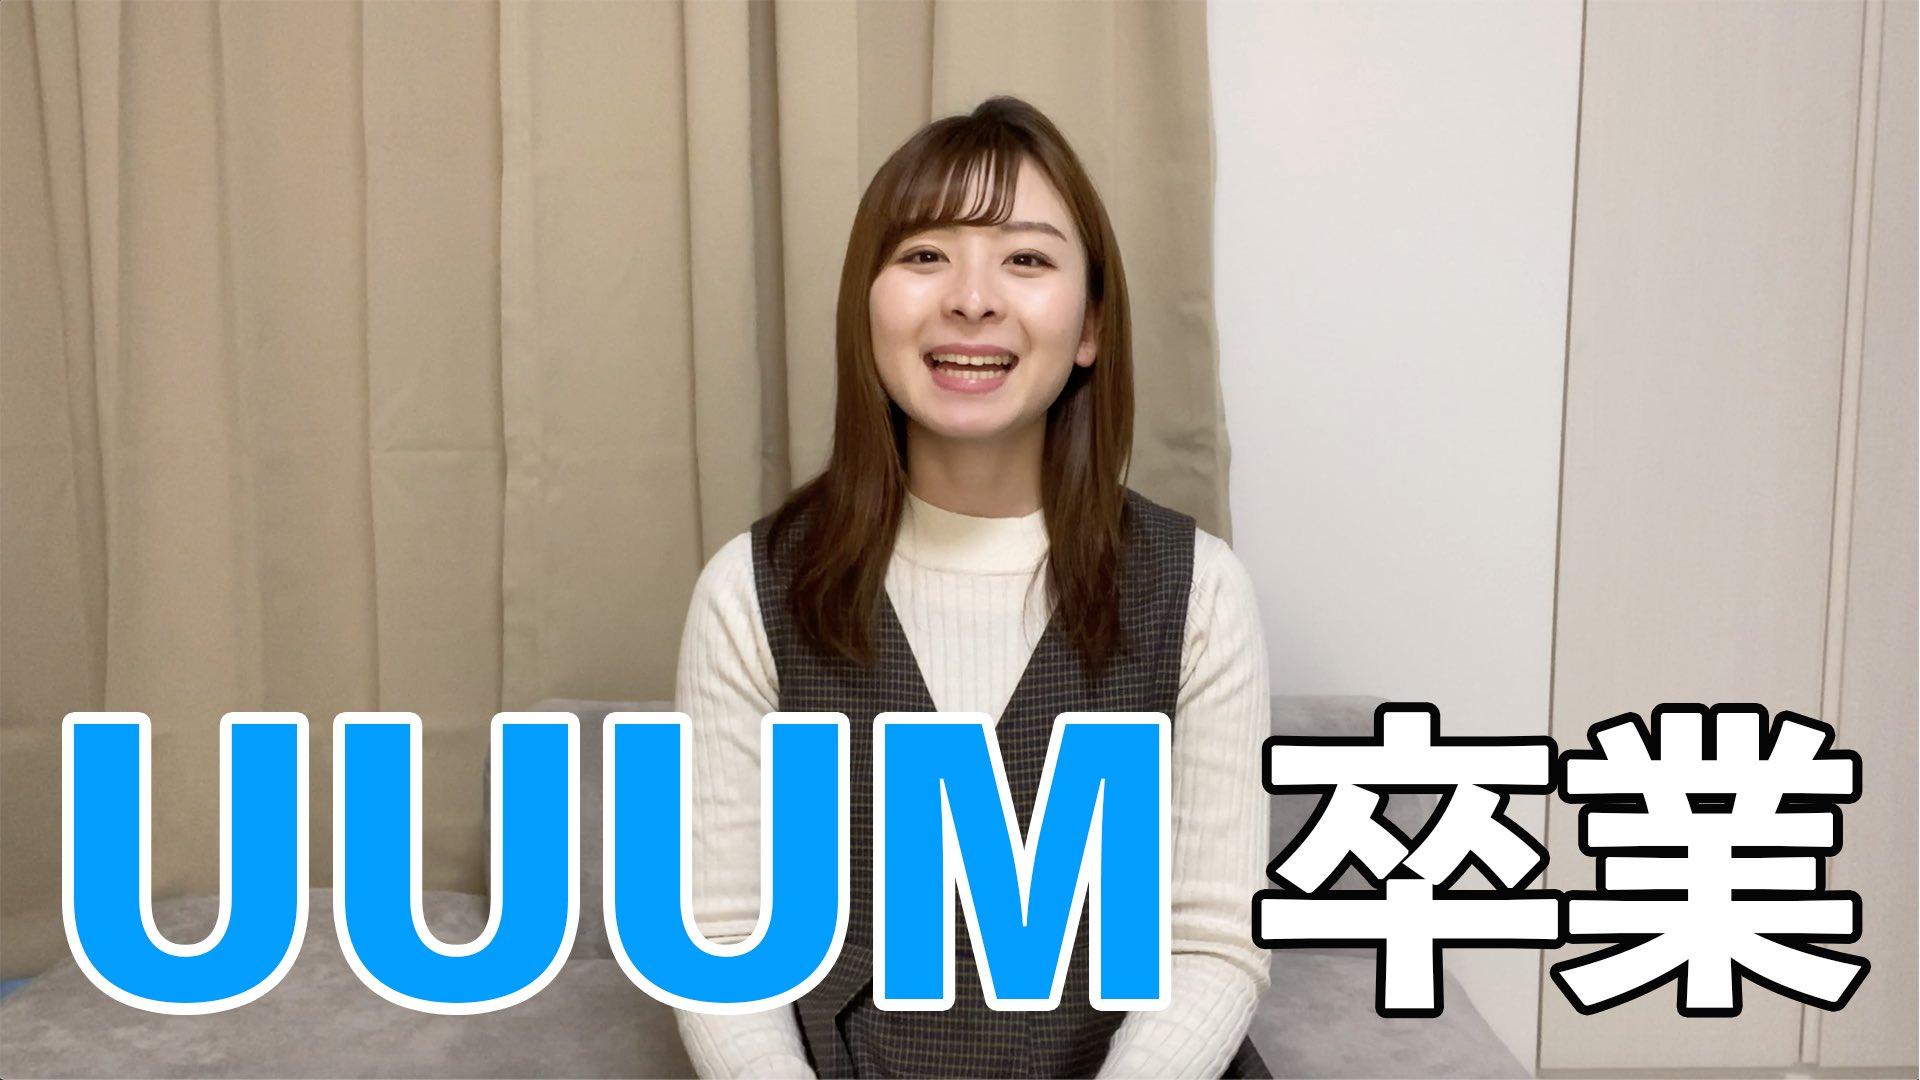 チャンネル ゴルフ な みき 【緊急】なみきちゃん目標達成おめでとう!!